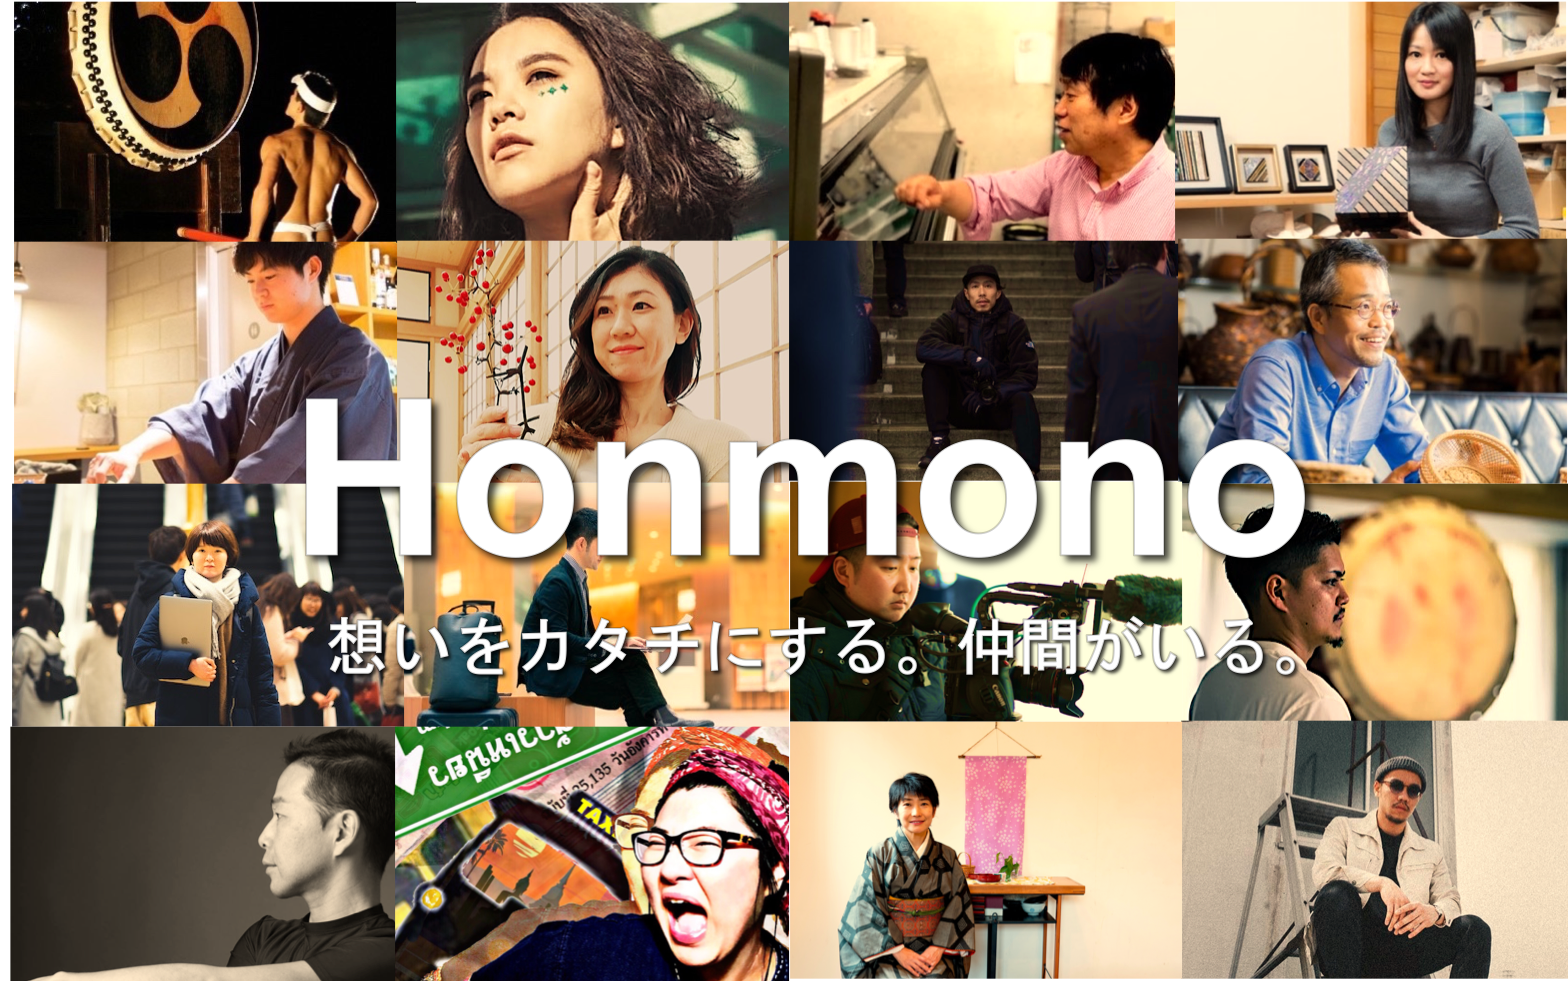 多様な人材とスキルをつなげるプラットフォーム「Honmono」が初の外部向けセミナーイベント開催 2番目の画像